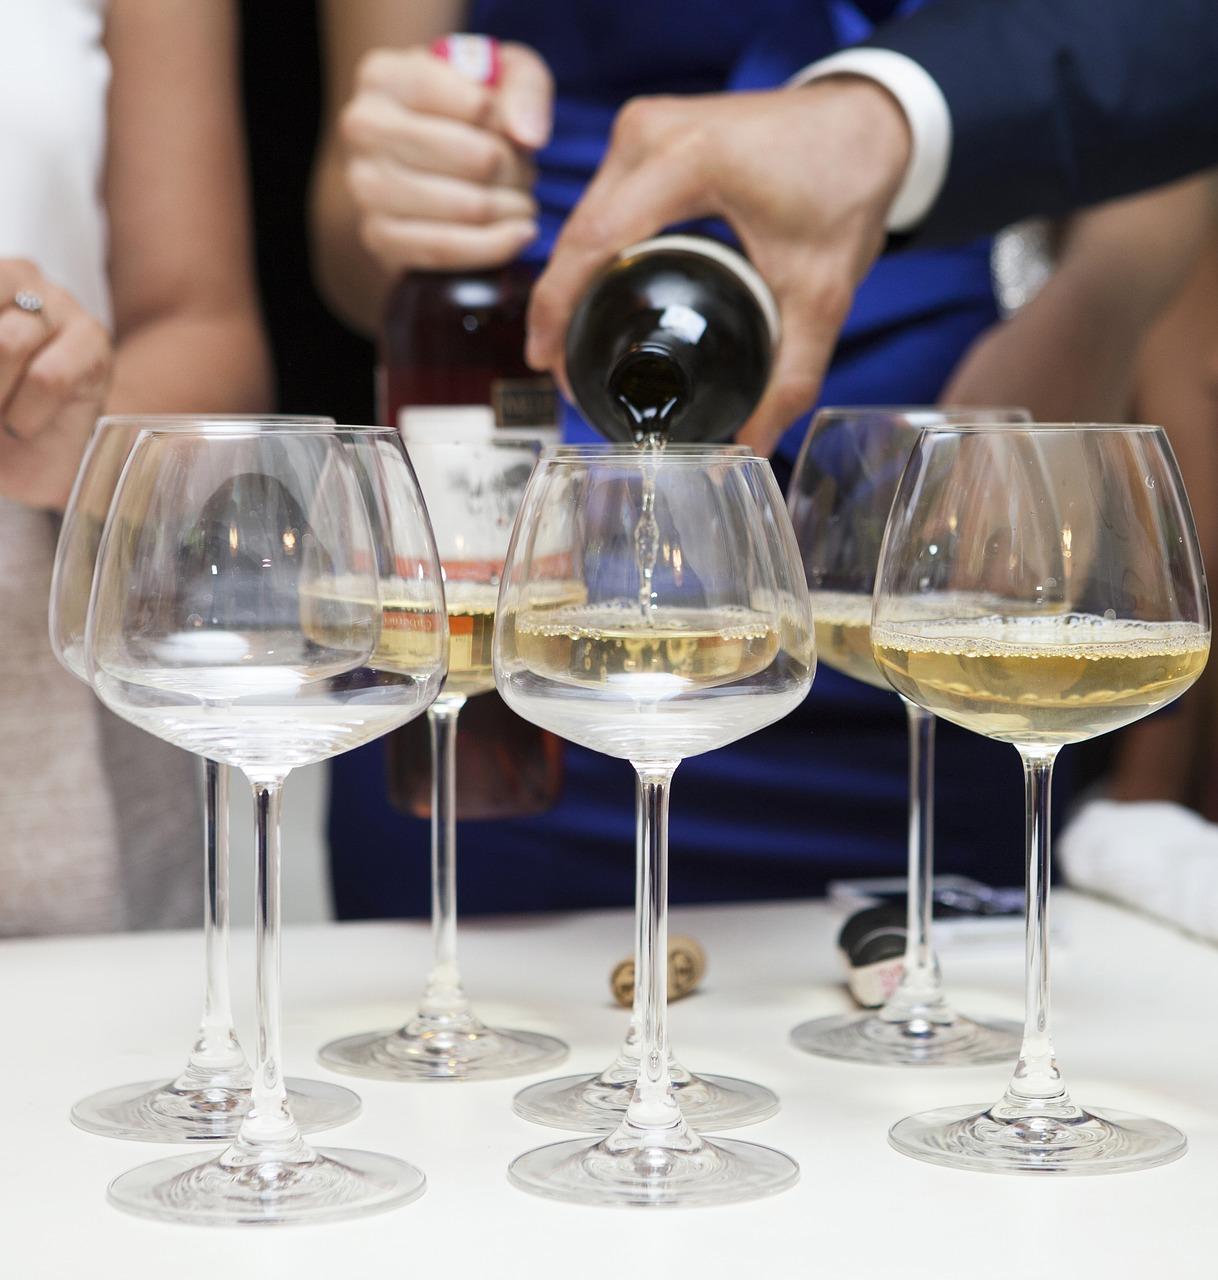 Für die Weihnachtsfete darf Wein nicht fehlen